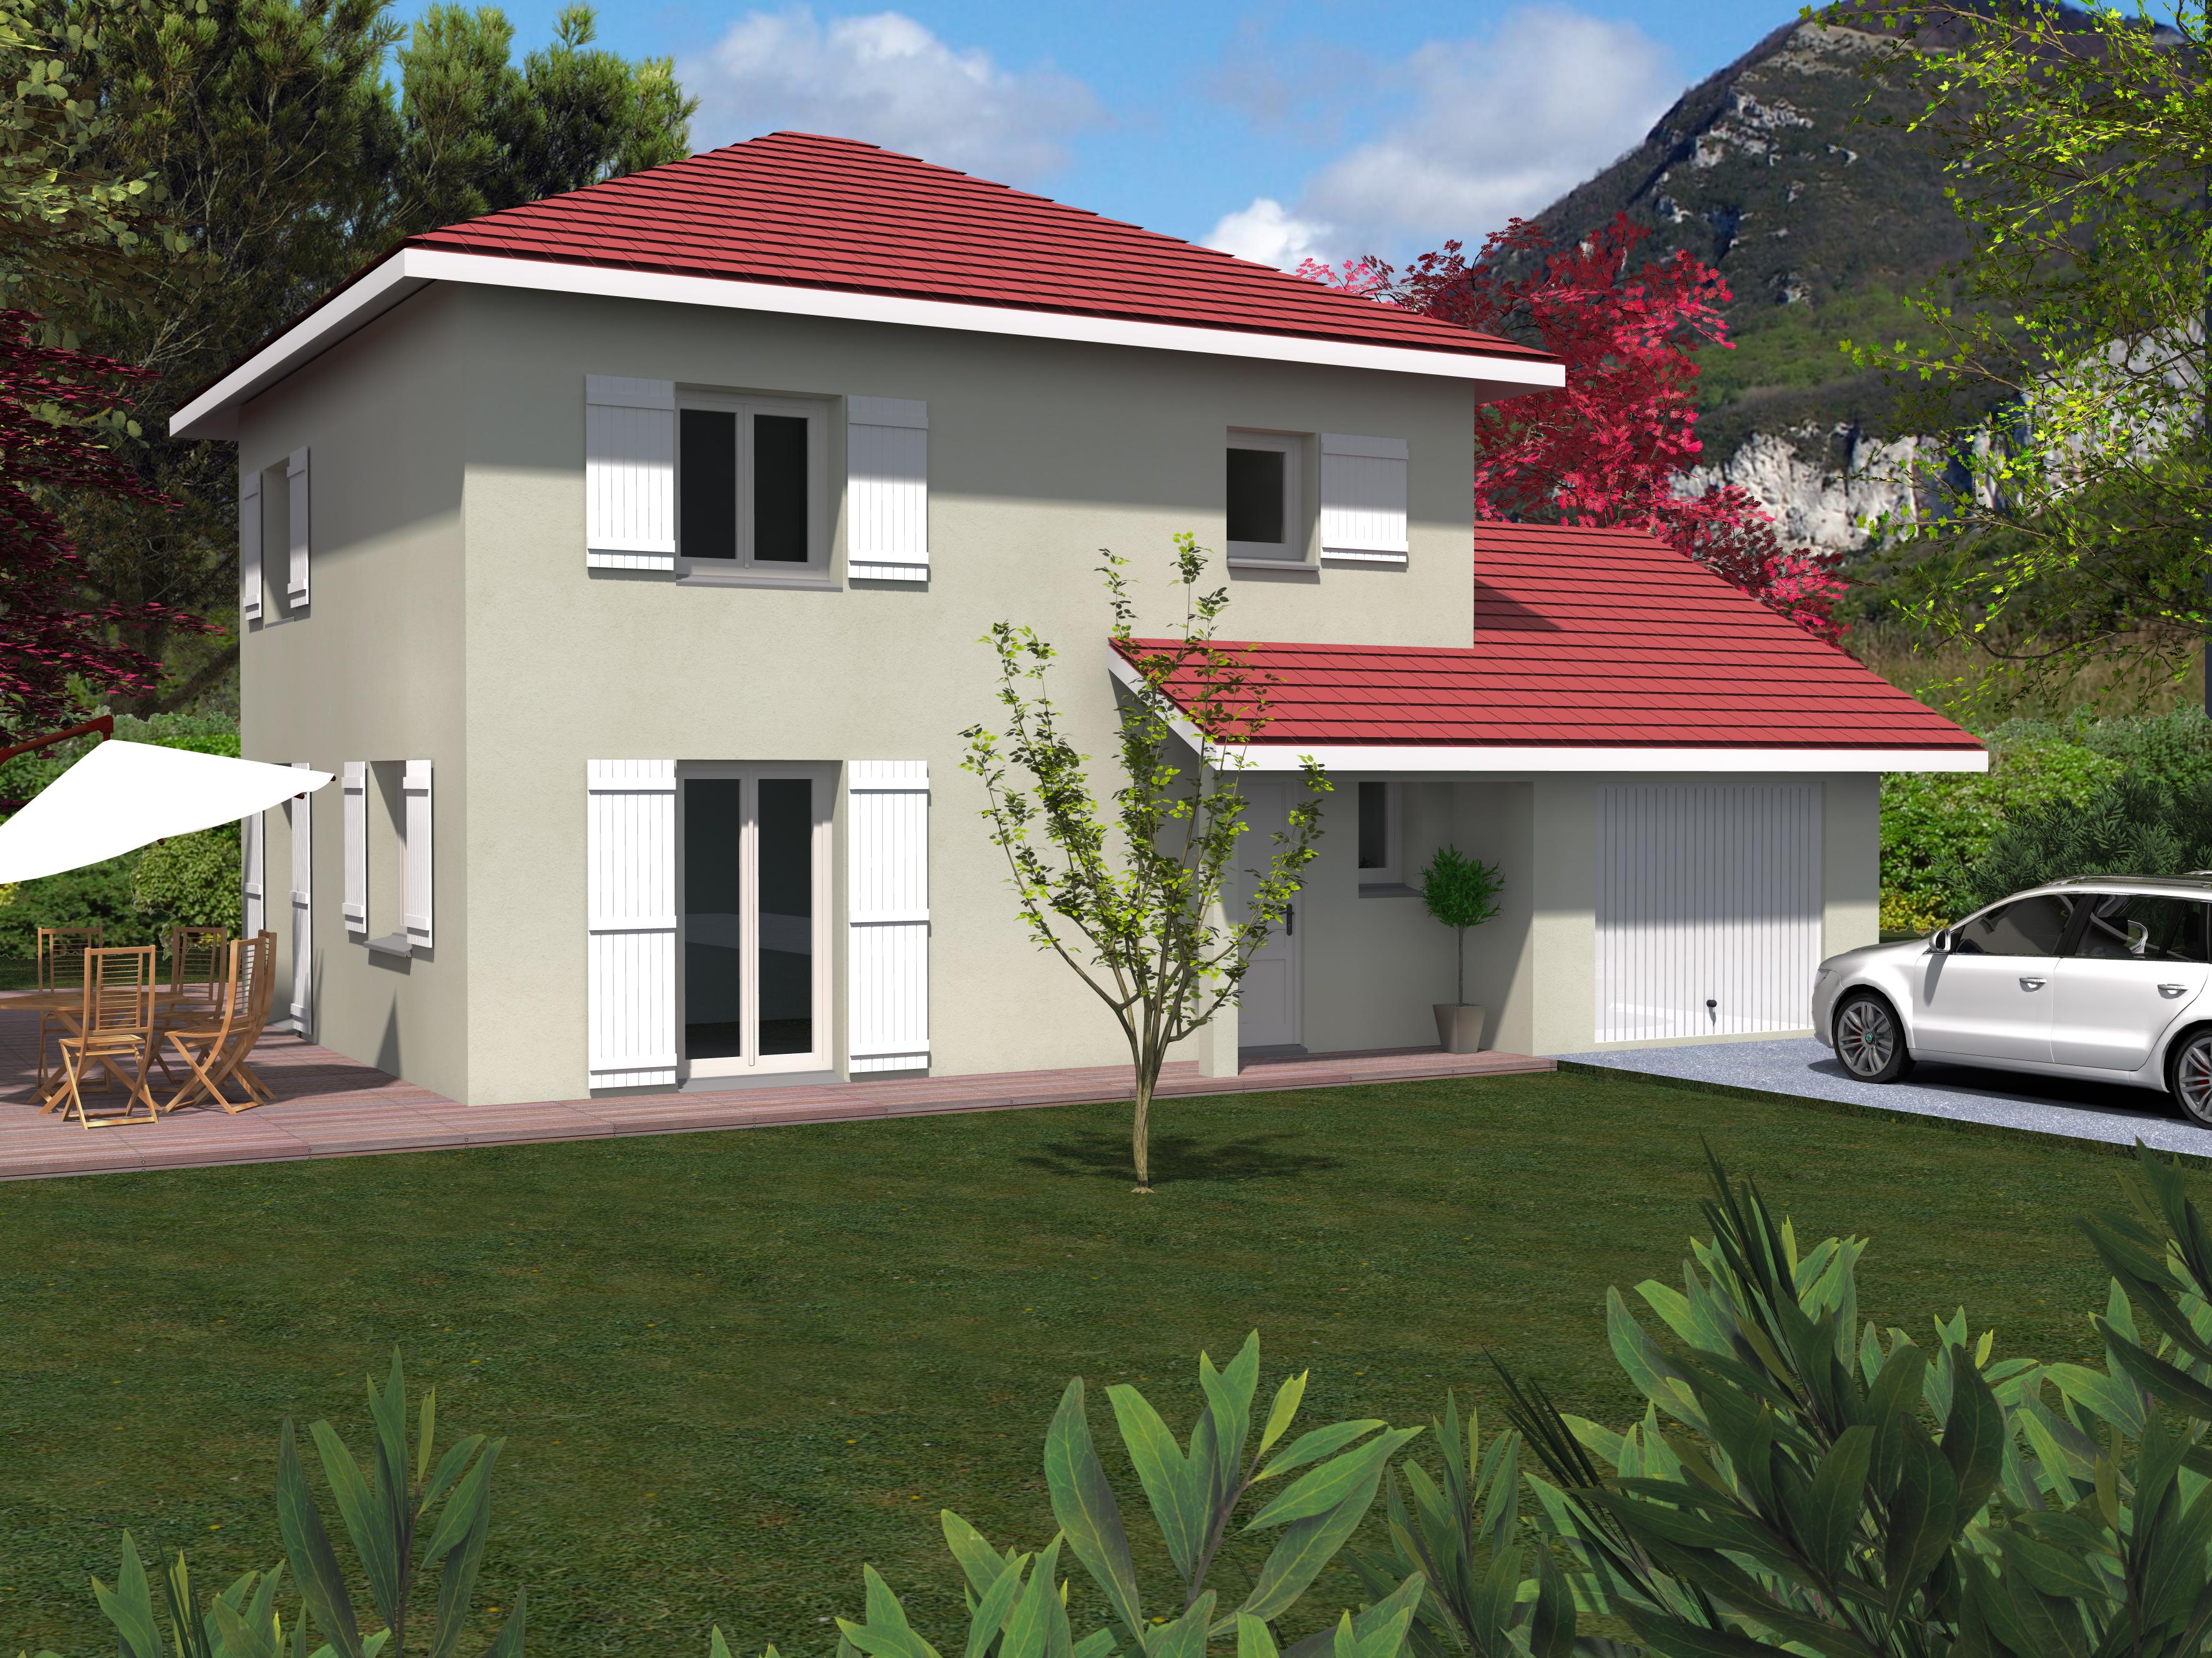 Maisons du constructeur LVA LES VOIRONELLES • SAINT ETIENNE DE SAINT GEOIRS